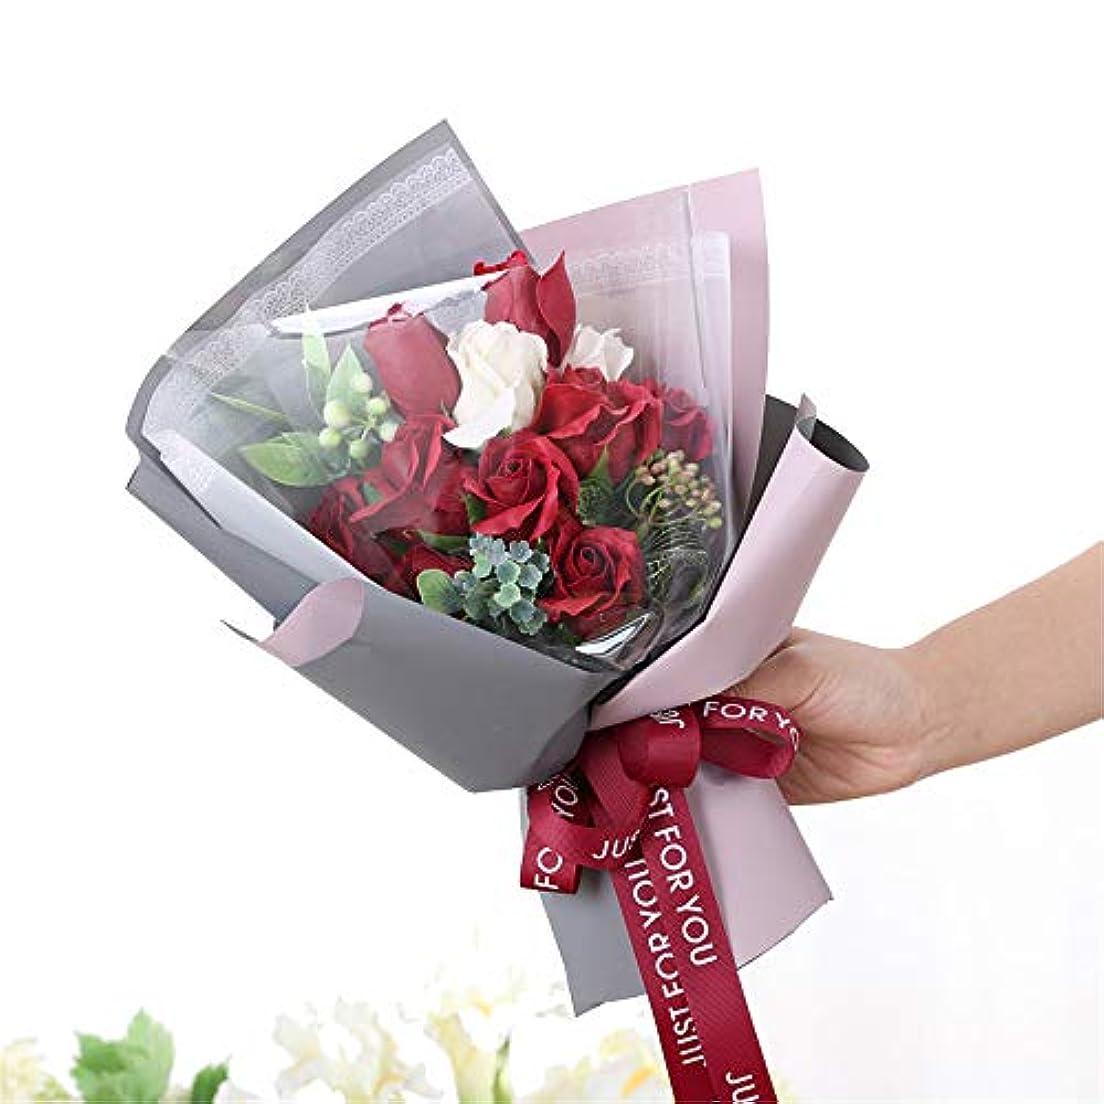 お金ゴムふさわしいぬいぐるみ手作りのバラ石鹸フラワーブーケのギフトボックス、女性のためのギフトバレンタインデー、母の日、結婚式、クリスマス、誕生日を愛した女の子 (色 : 赤)